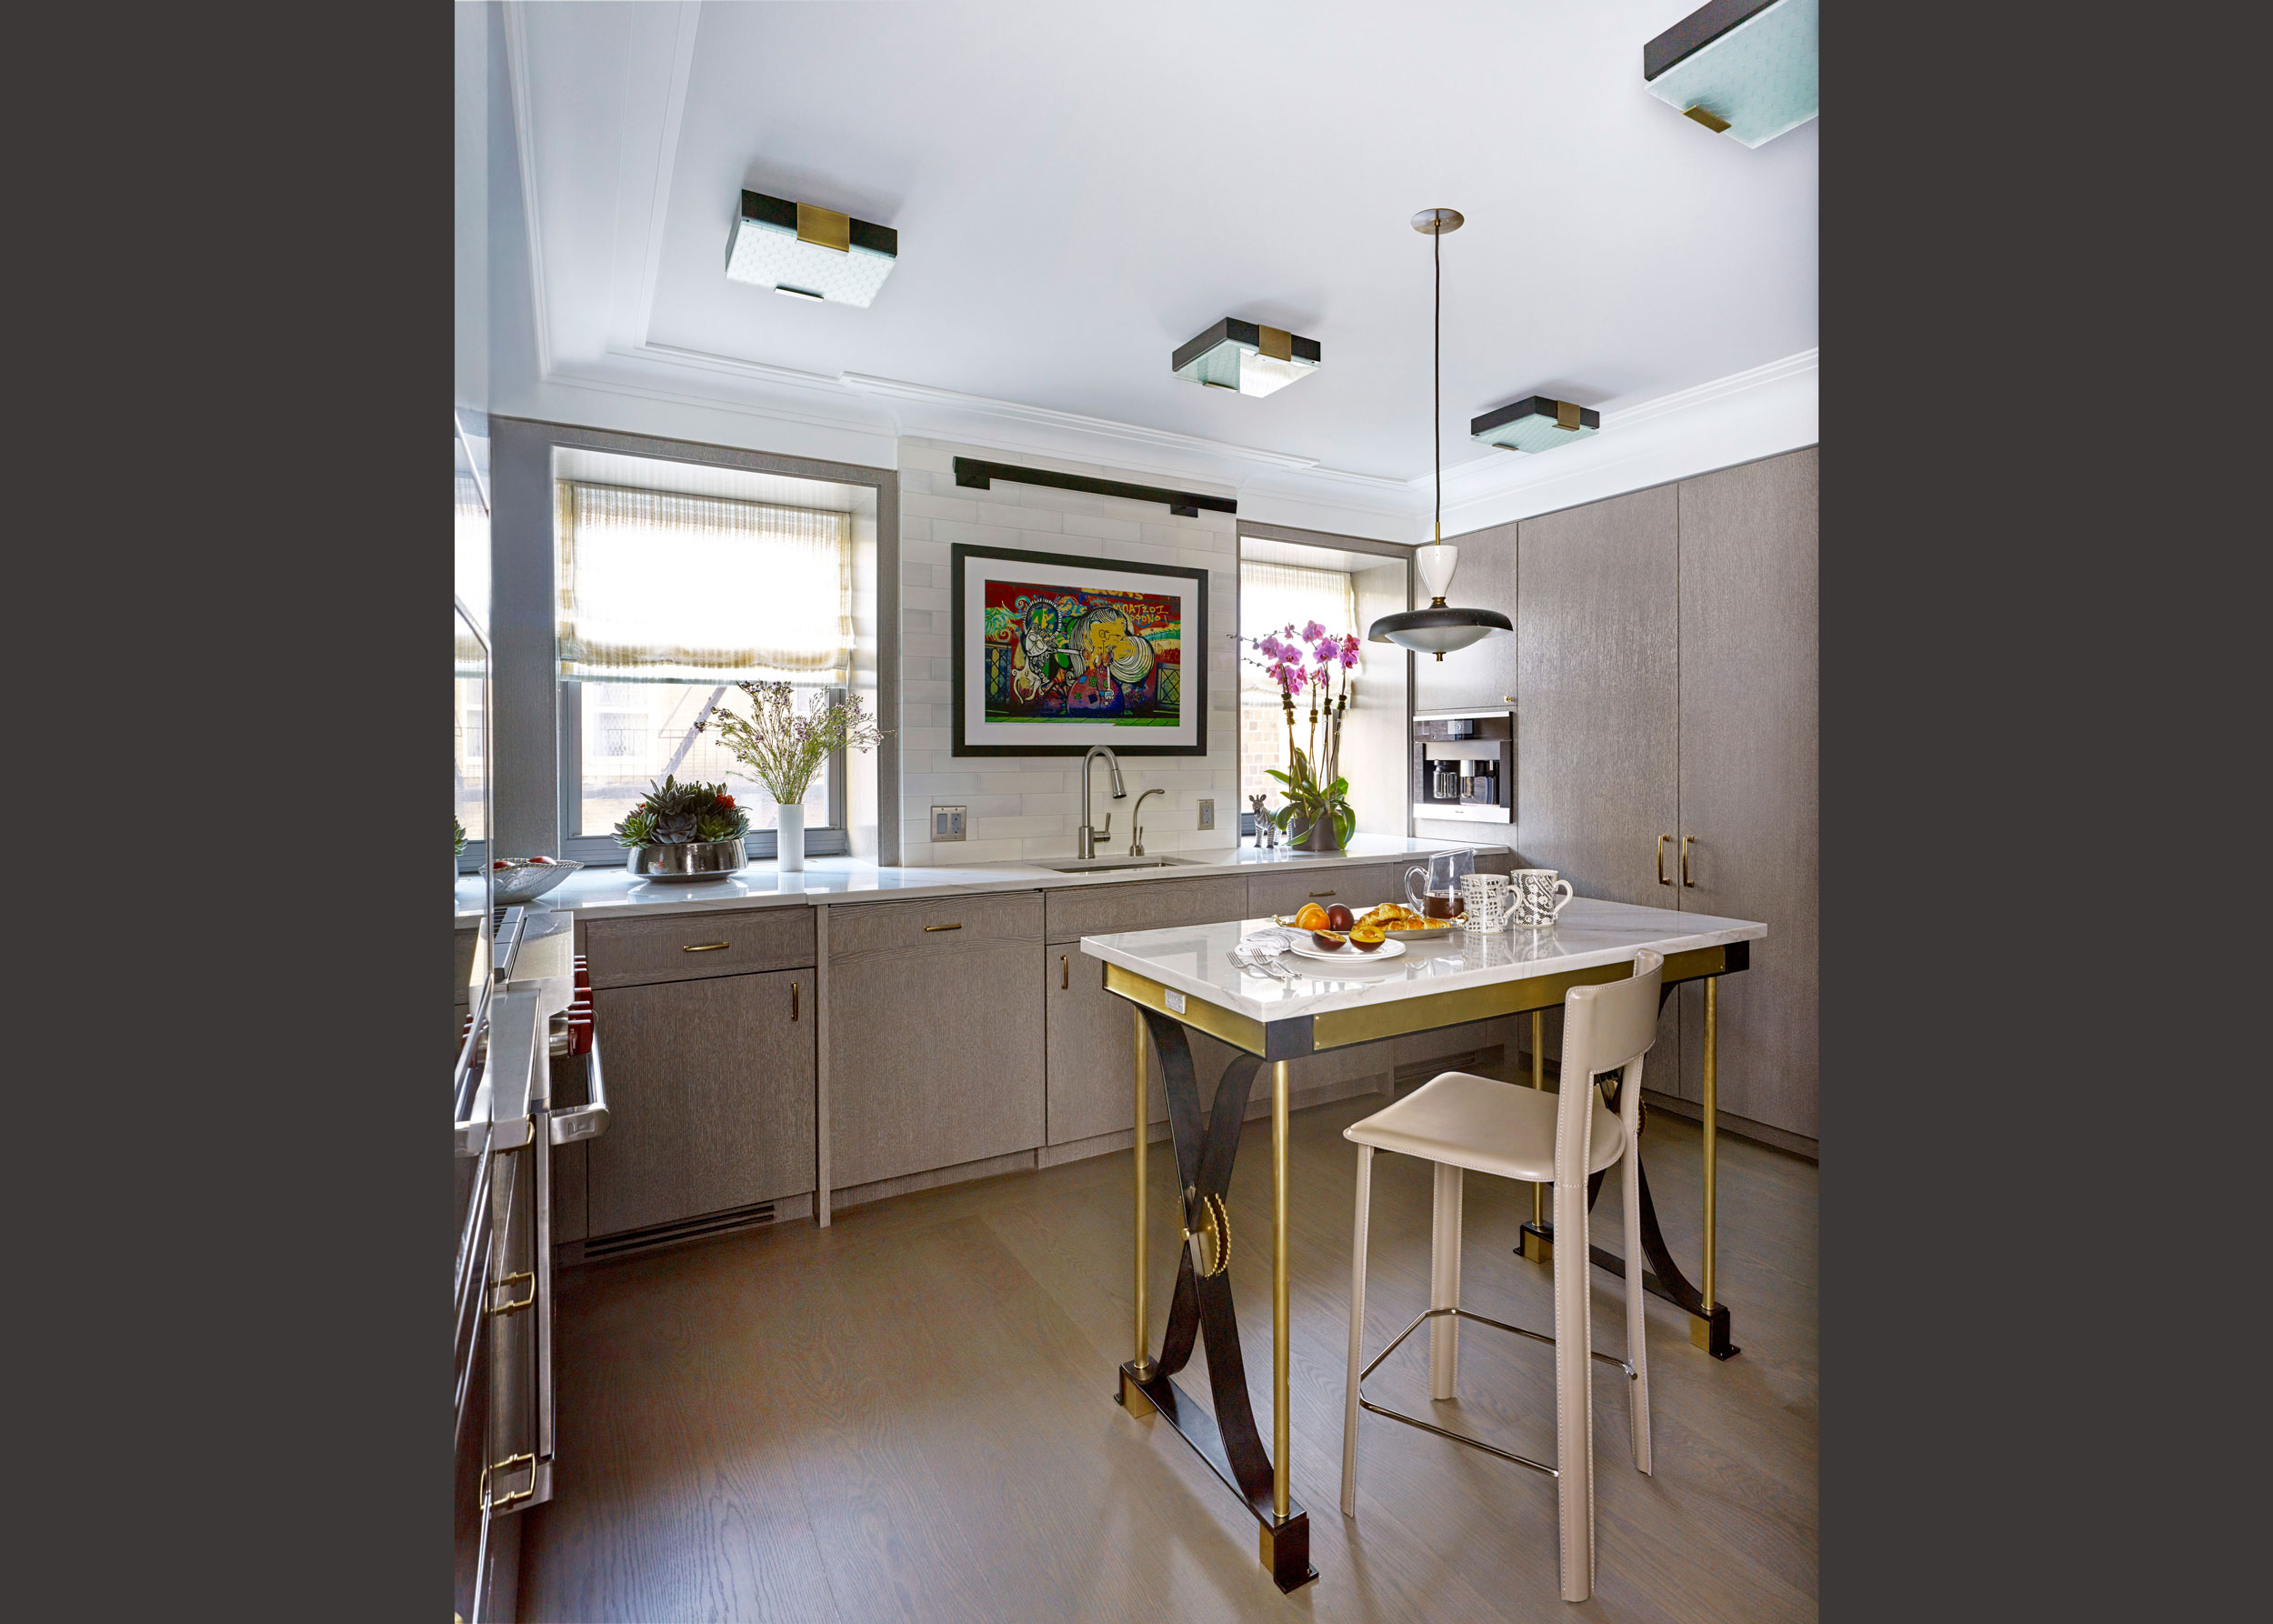 13a-kitchen.jpg